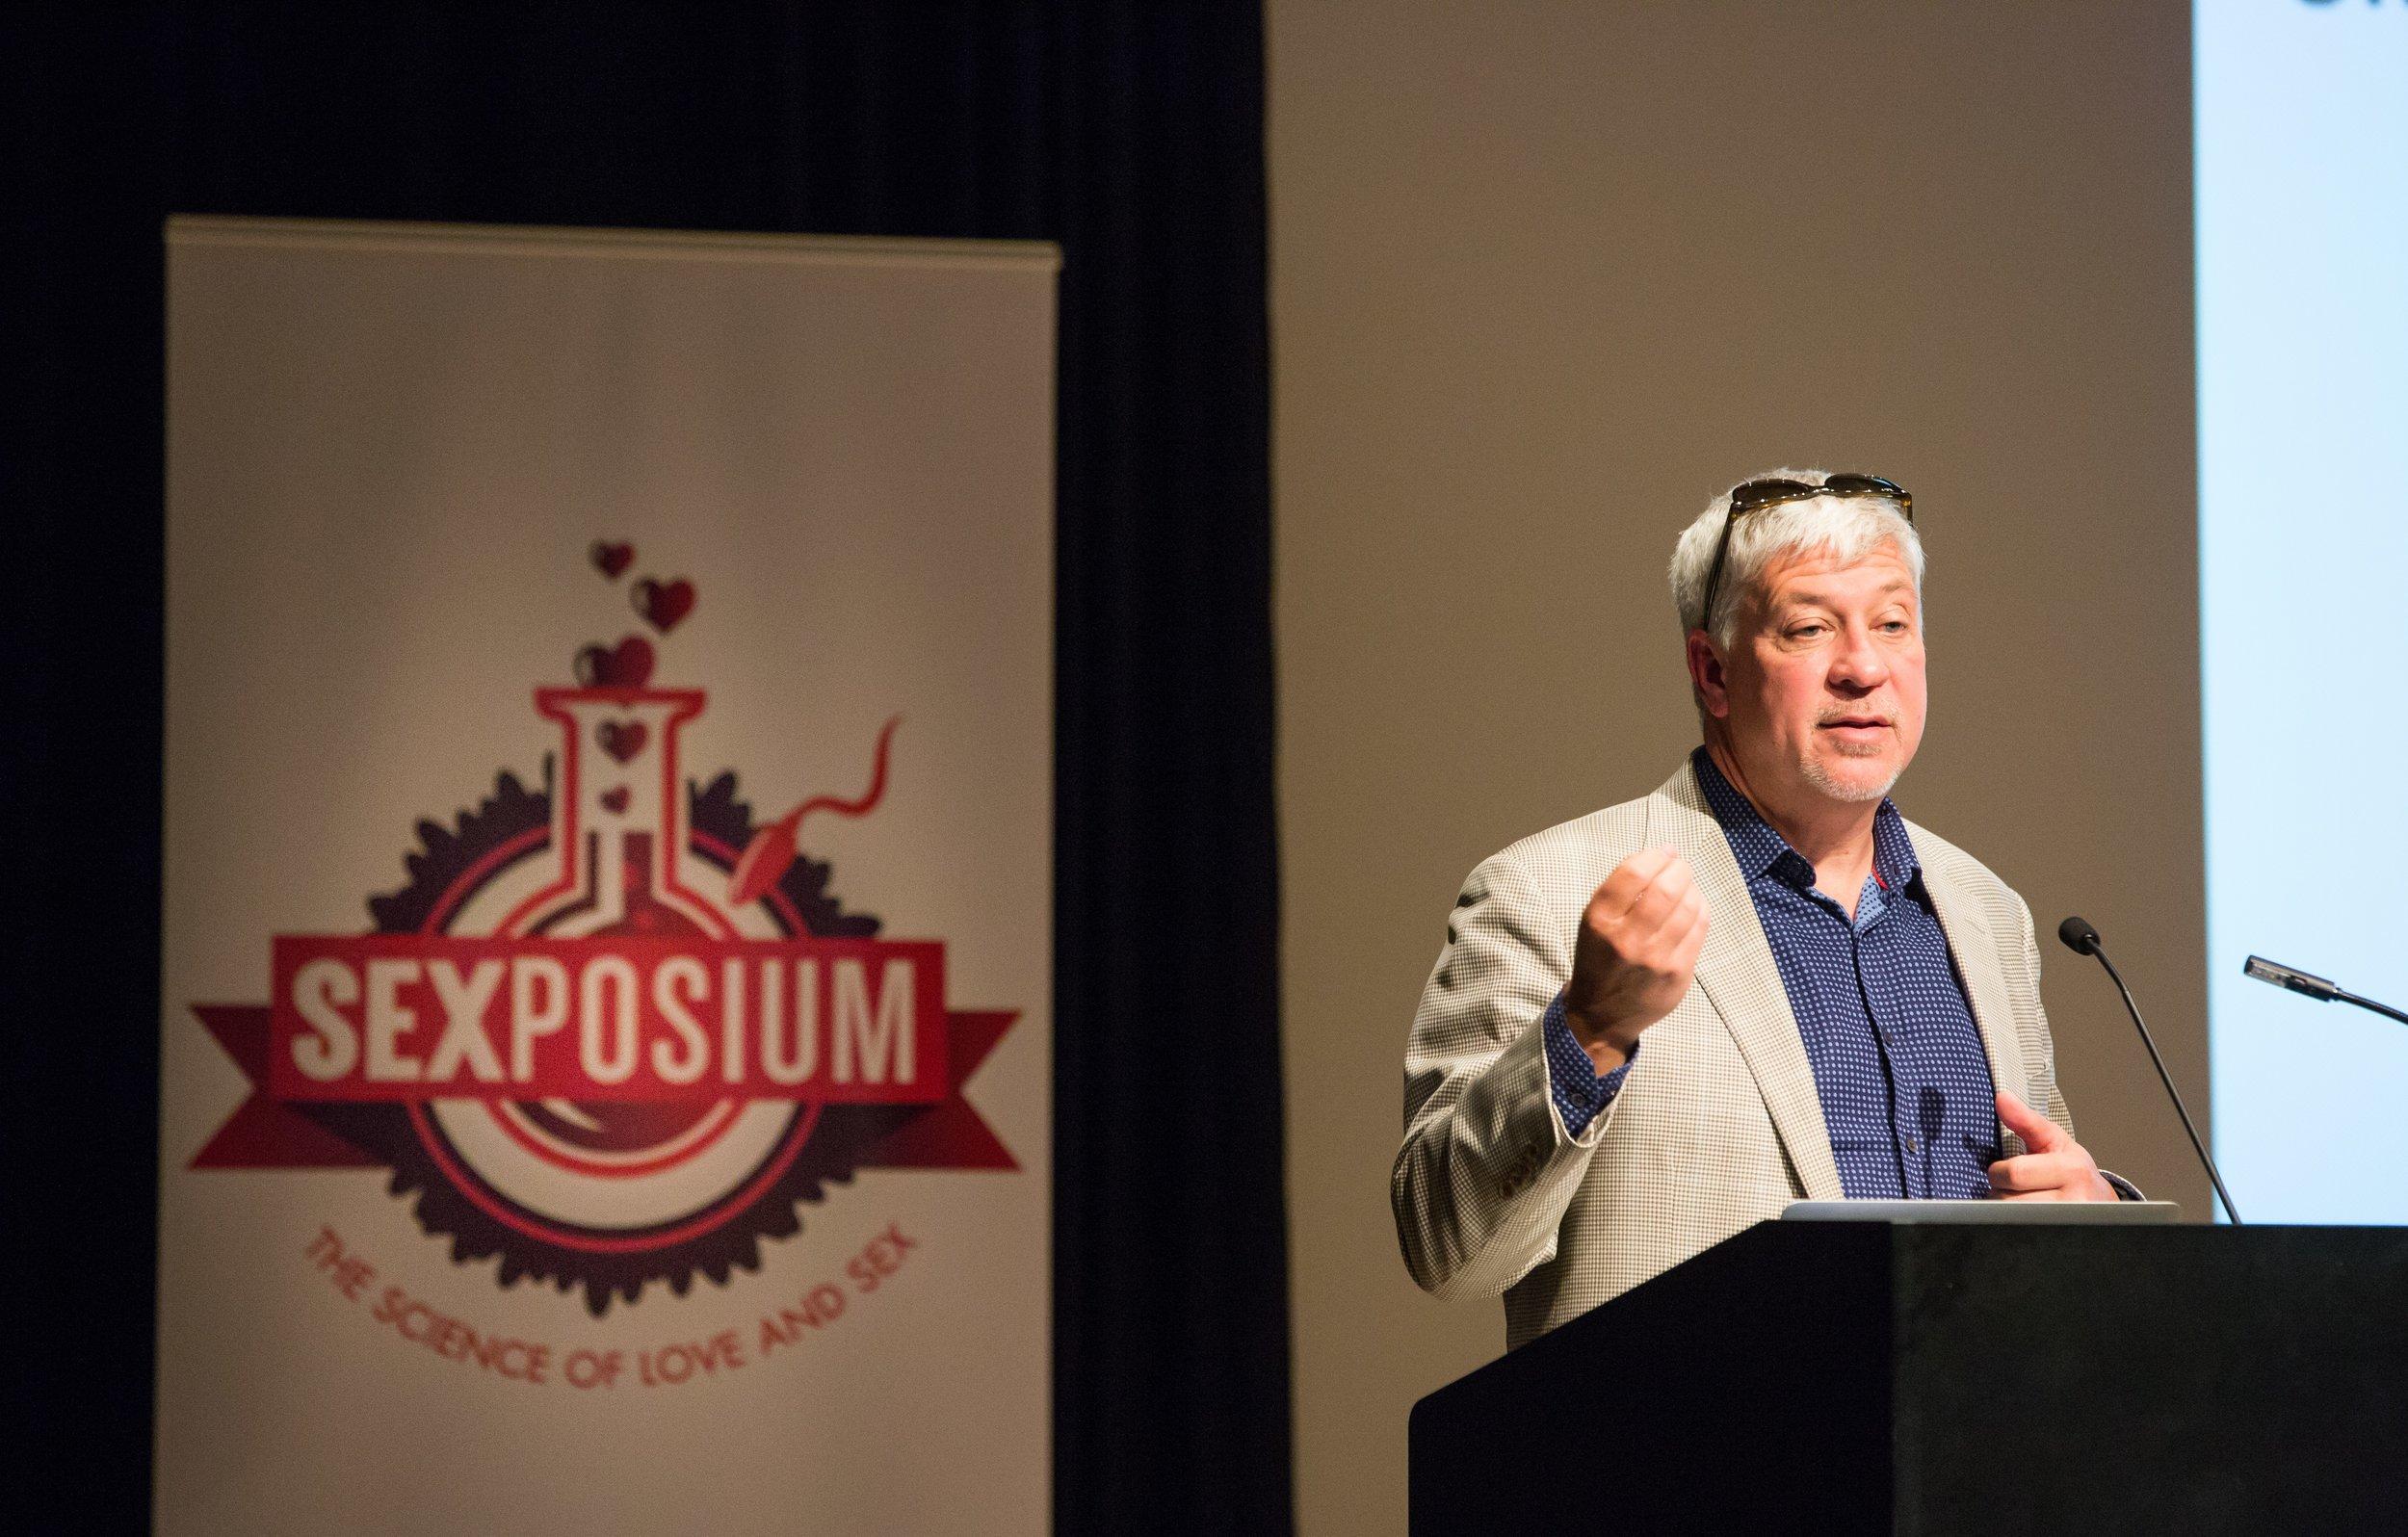 DrMichaelSalter-ROM-Exposium2018-0642.jpg